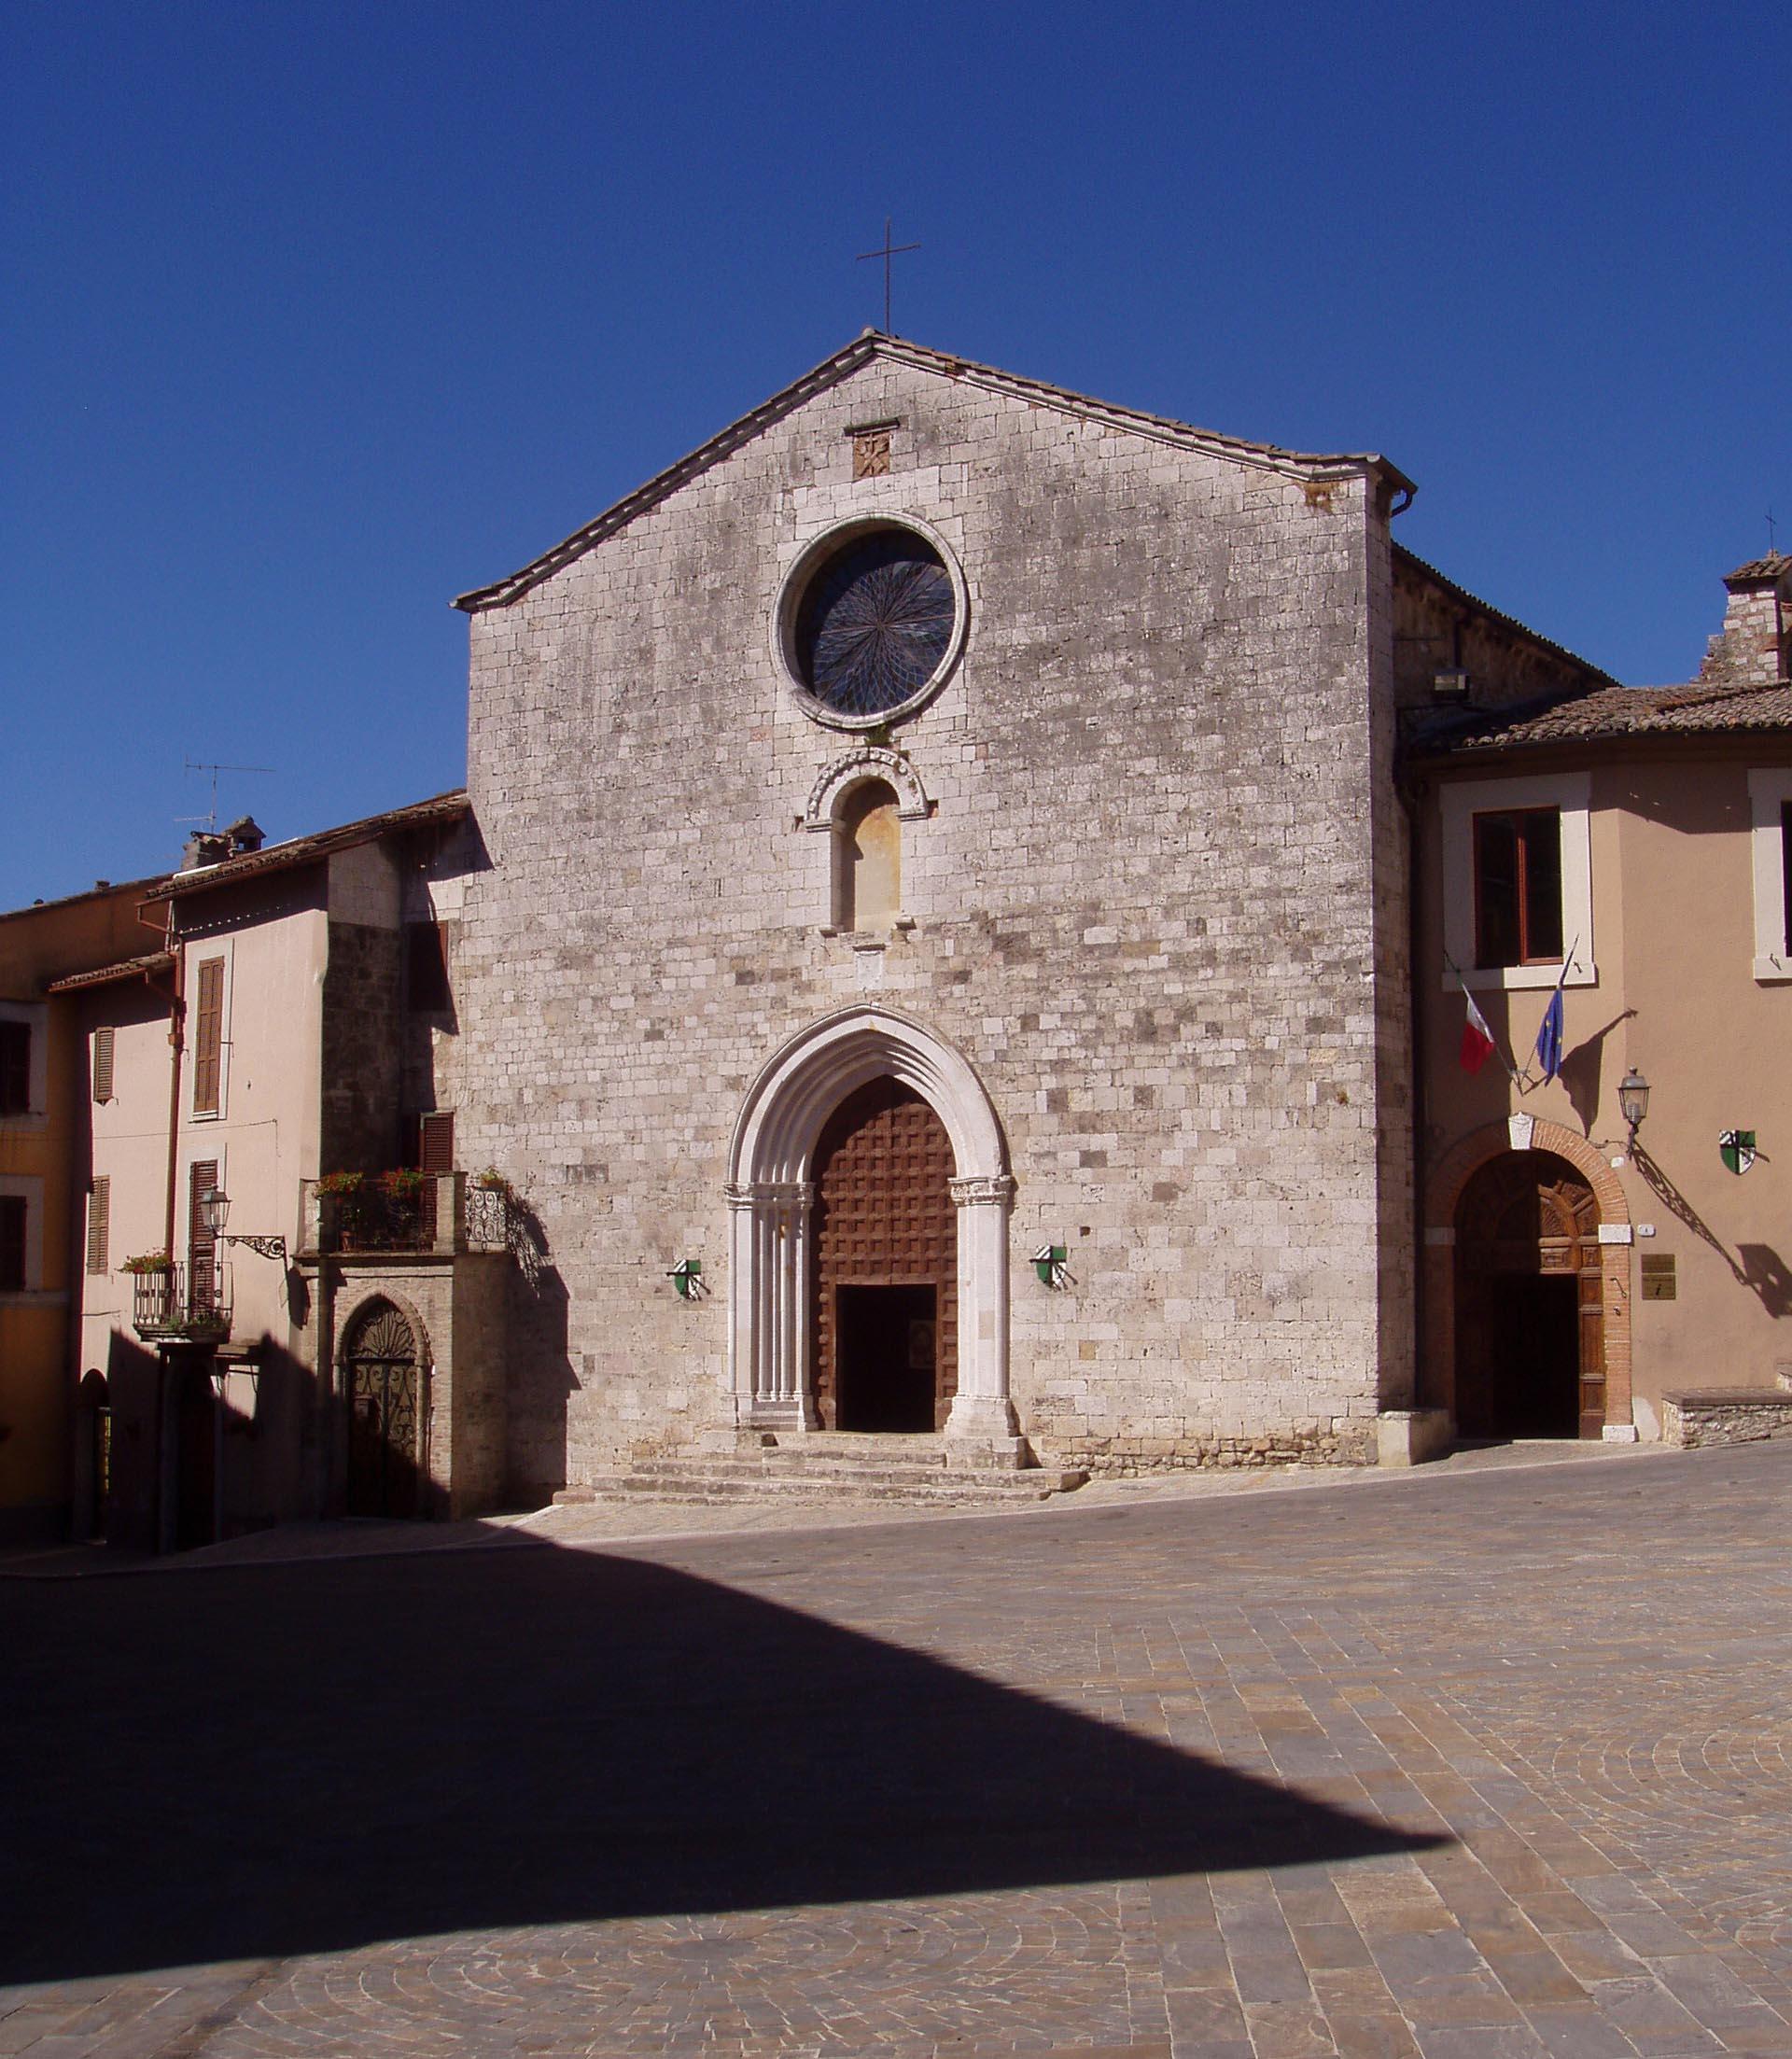 San Gemini, Church of S. Francis